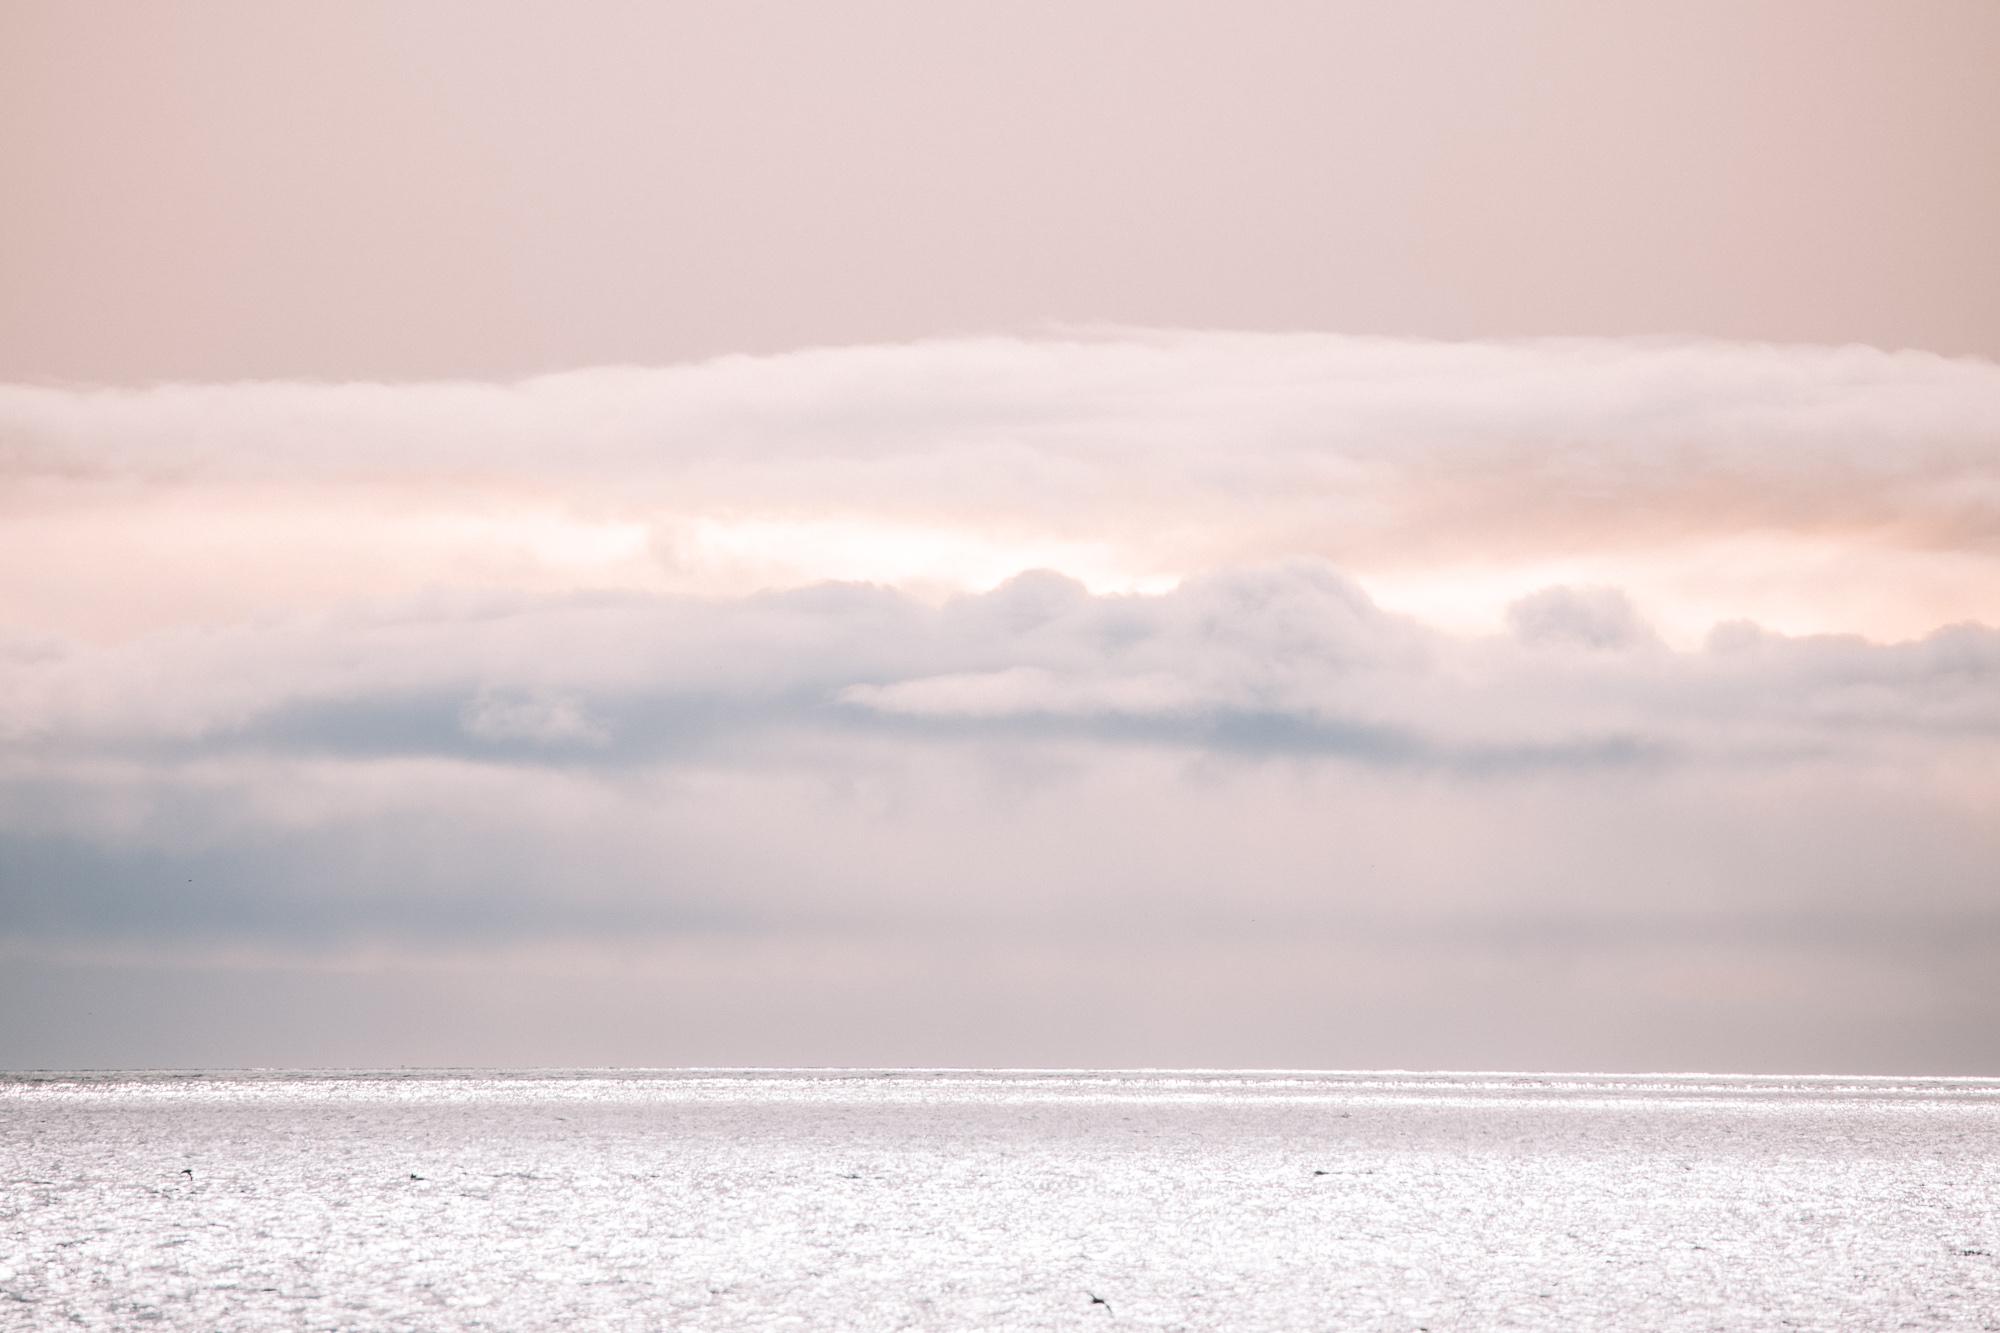 Midnight sun pink skies in Svalbard, Spitsbergen, Norway